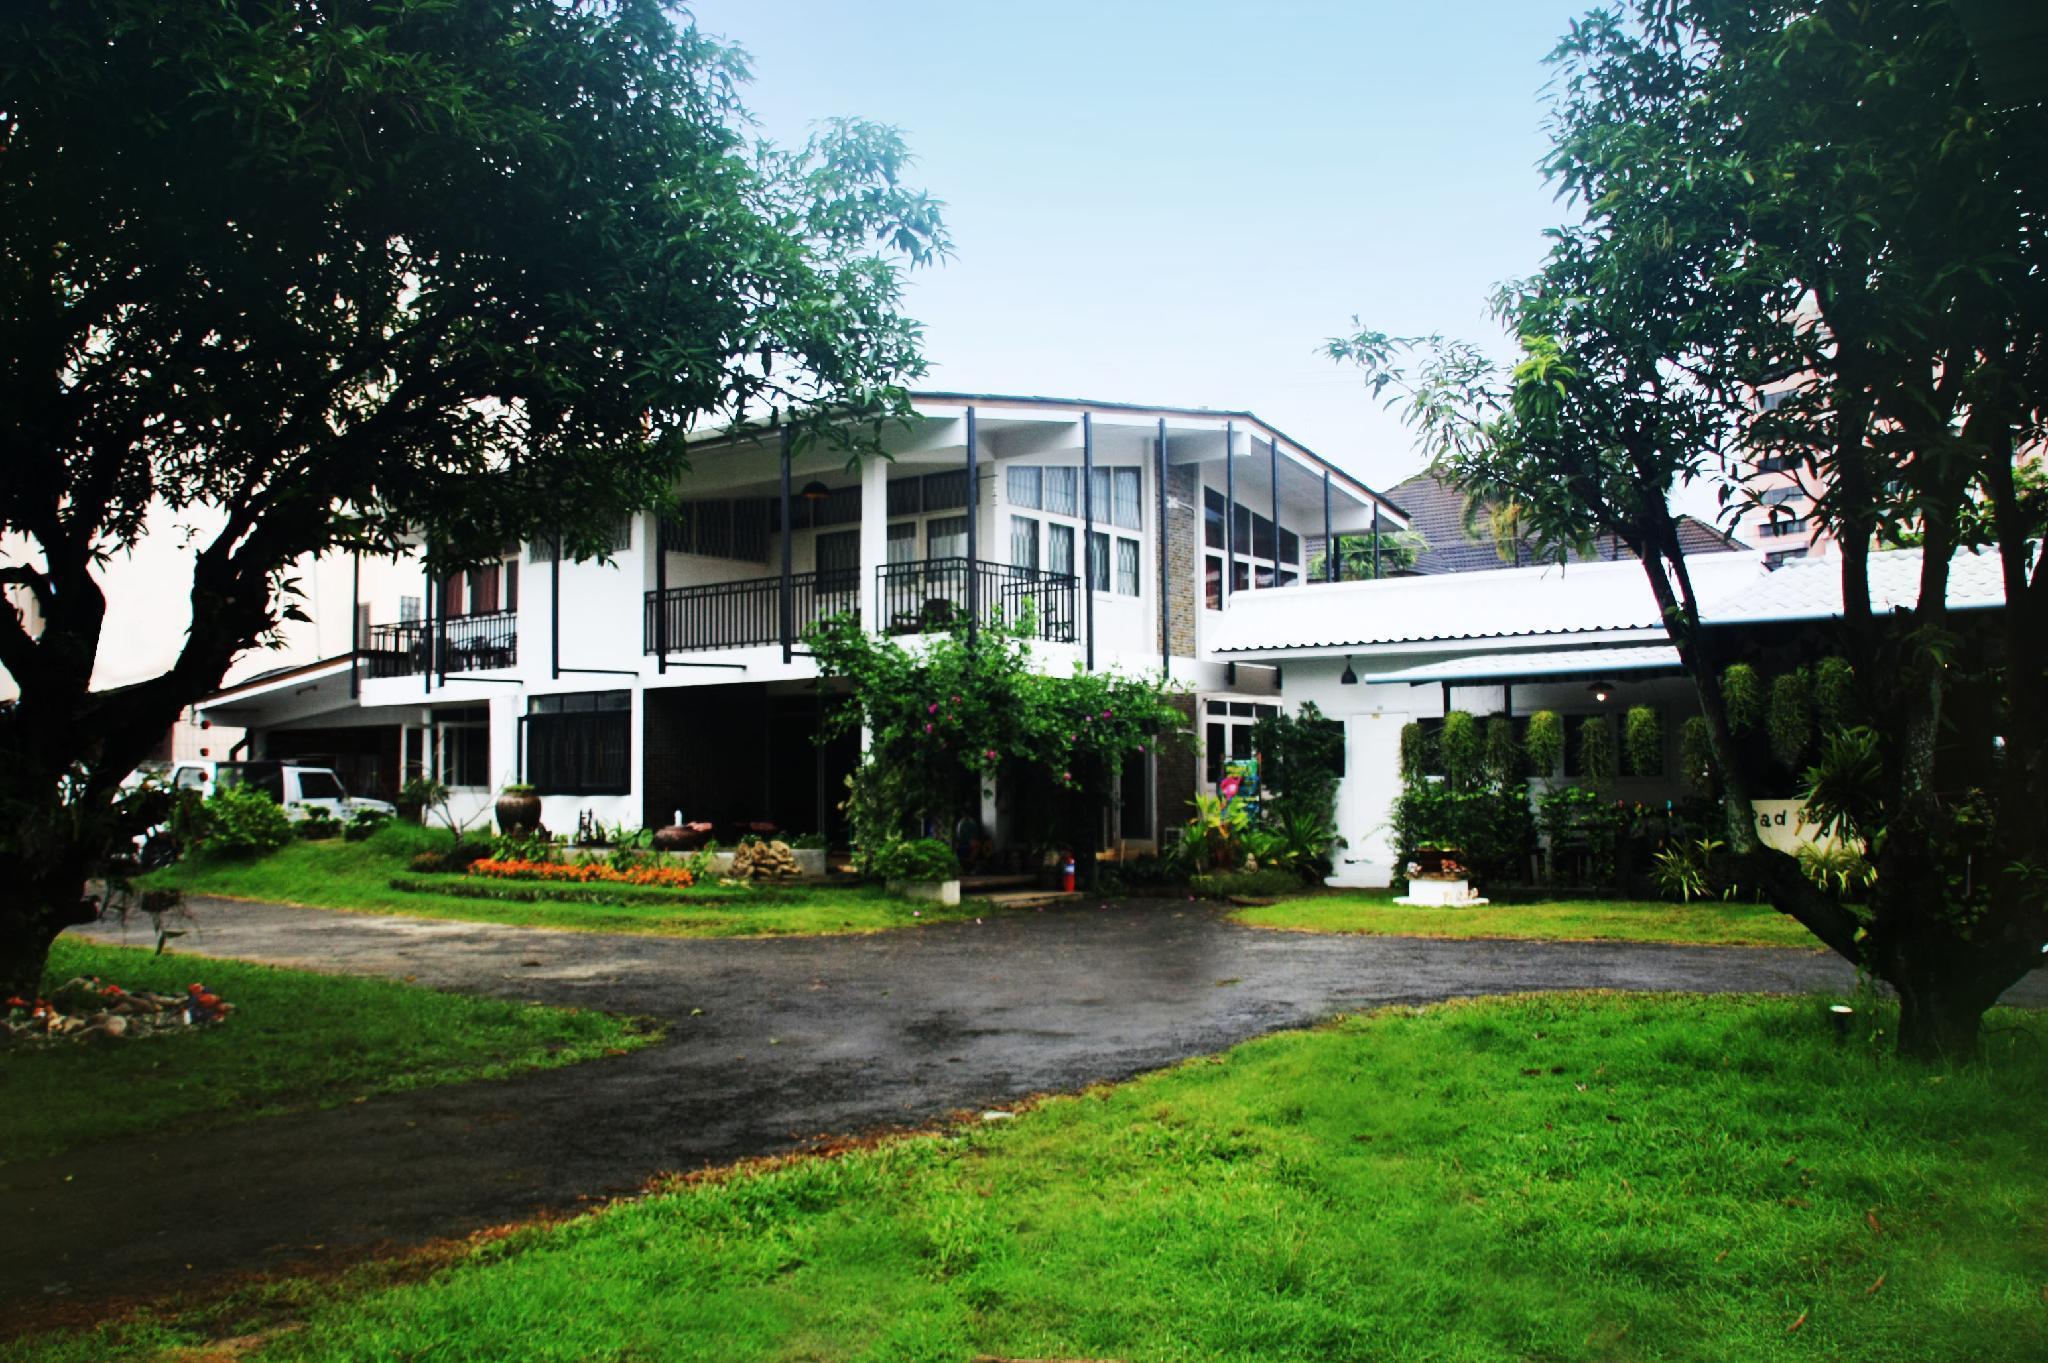 阿萨旅馆,Asa House